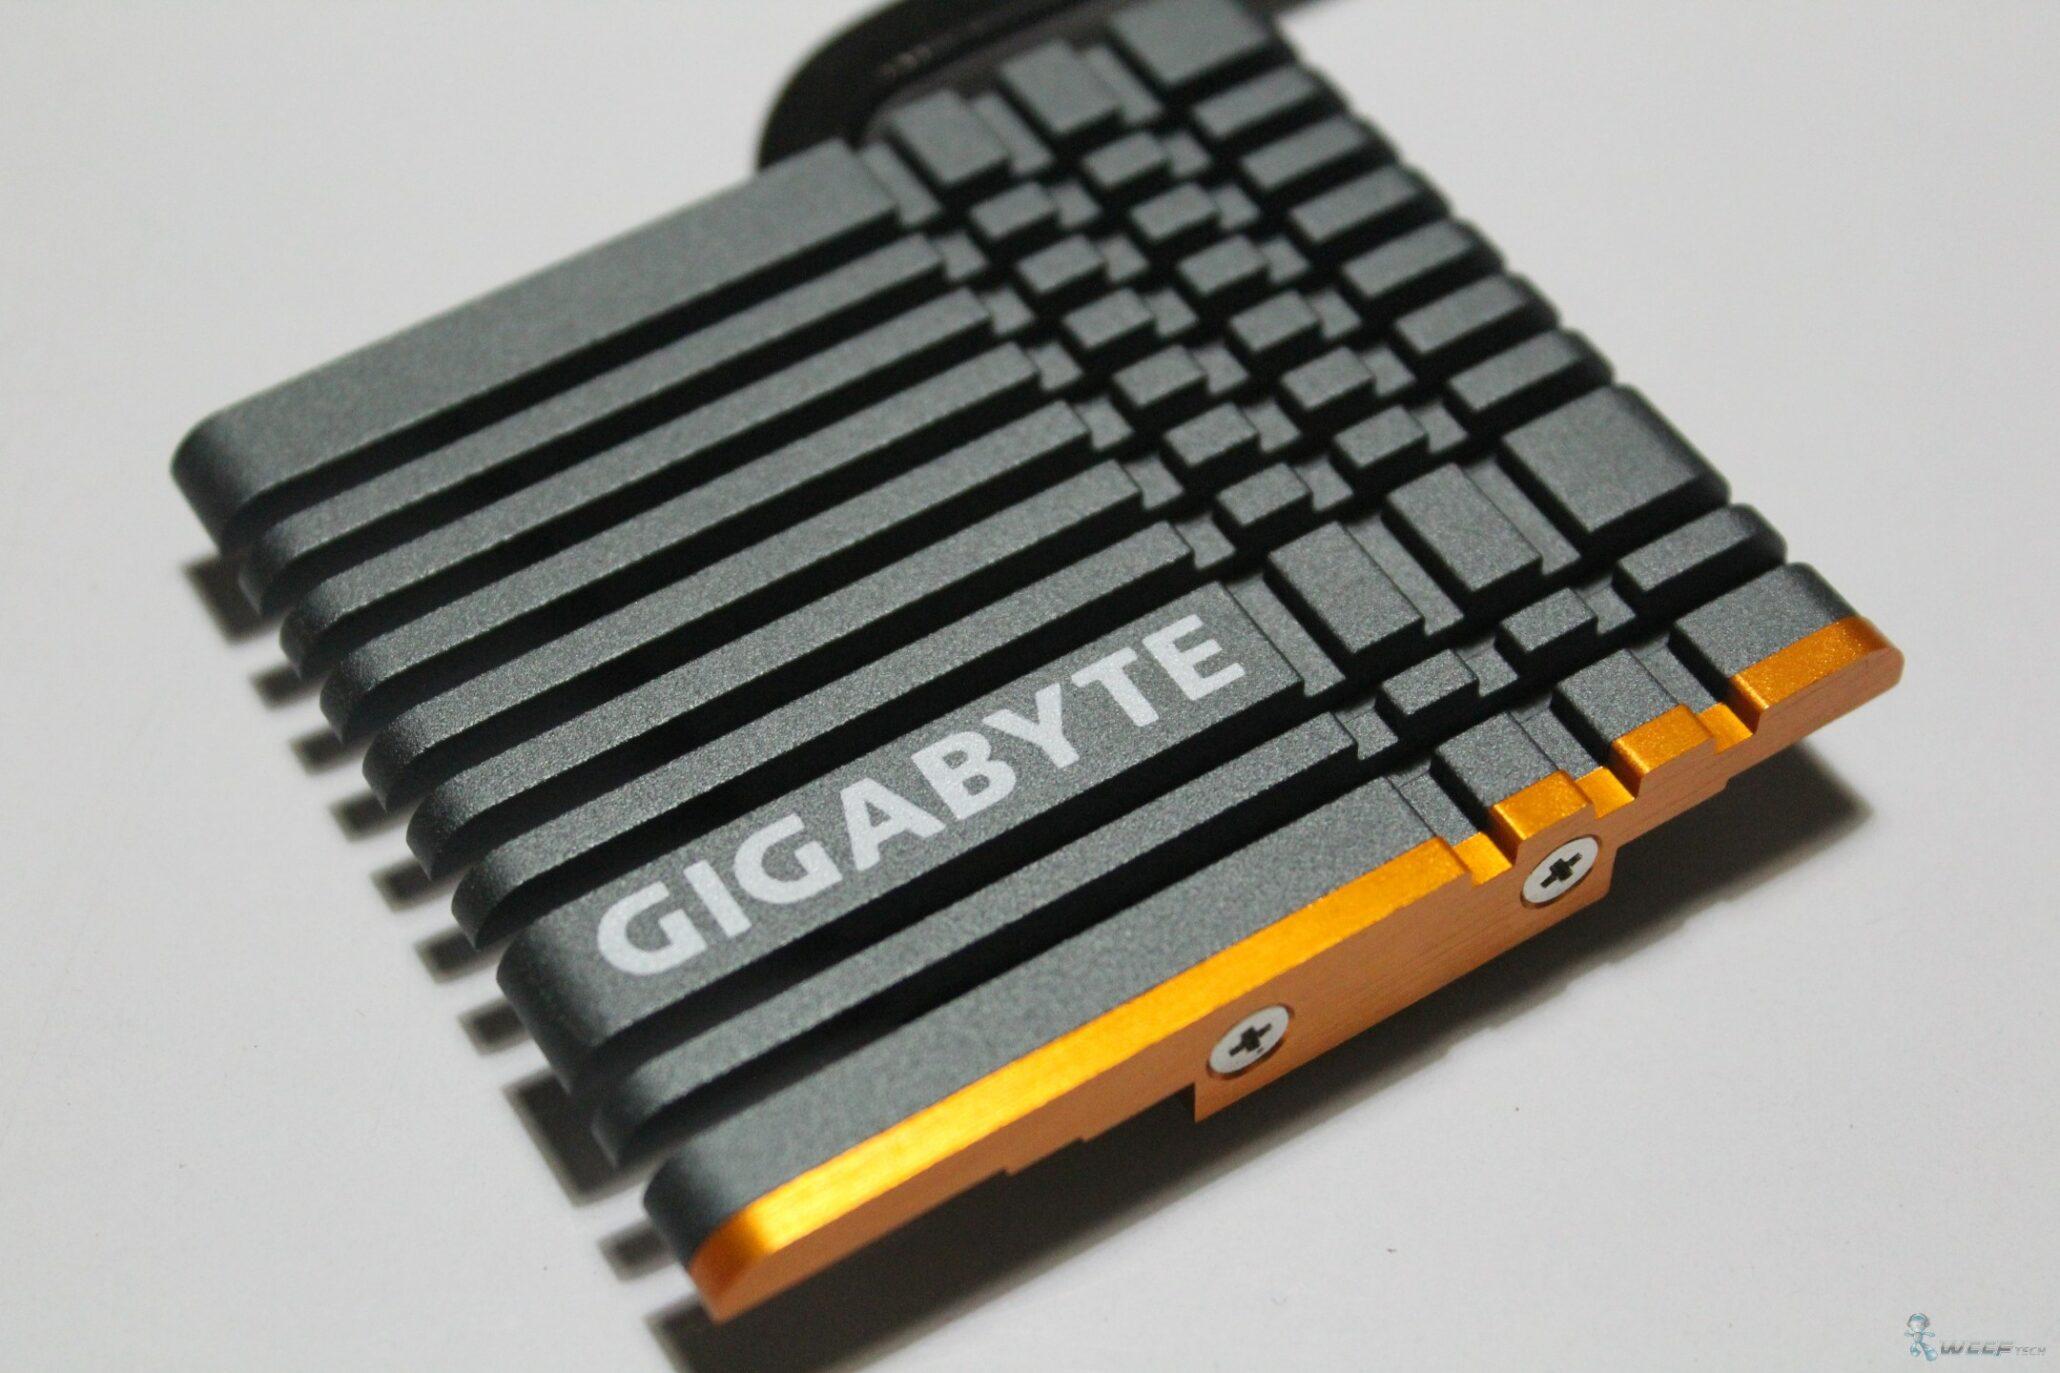 ga-990fx-ud7_5-custom